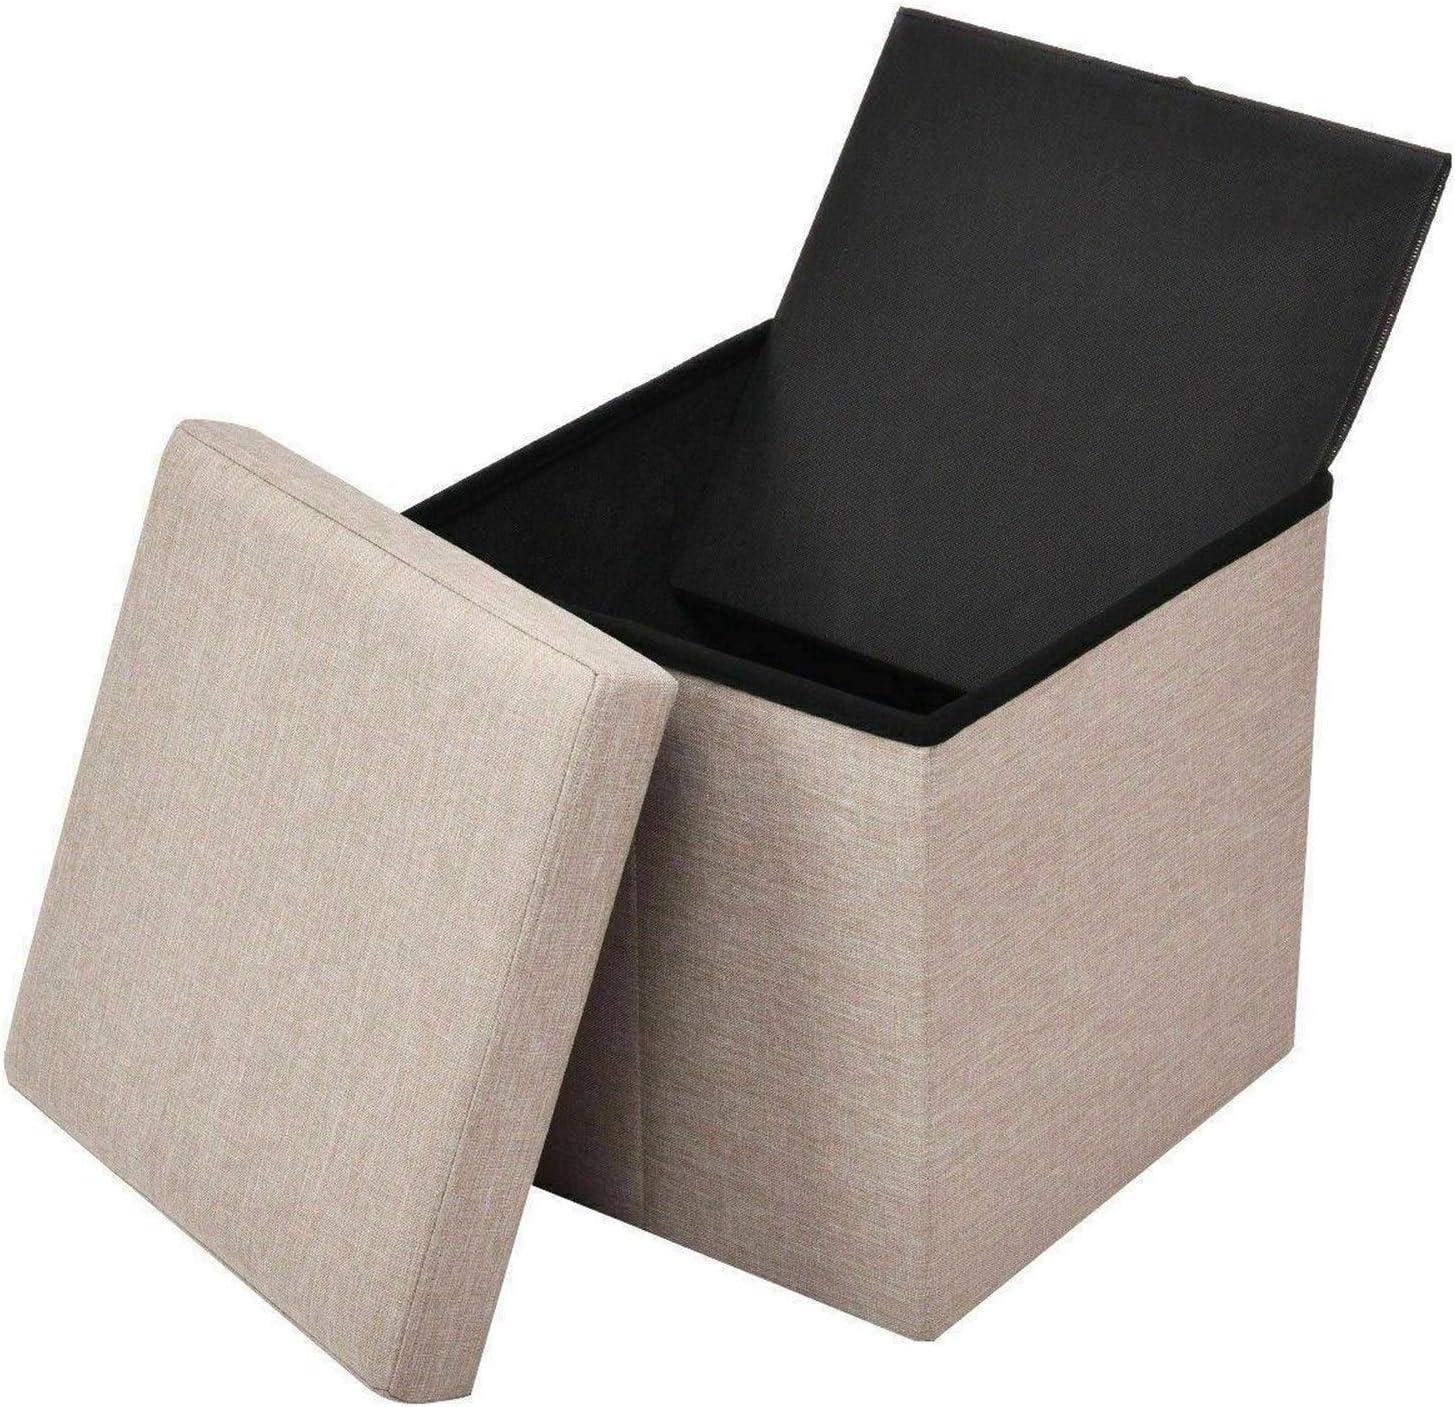 25x25x25CM Stockage Place Pliante Ottoman Tabouret Banquette Box Canapé Repose-Pieds Accueil mobi Décor Kid Chaise Pied Tabouret (Color : Beige) Beige